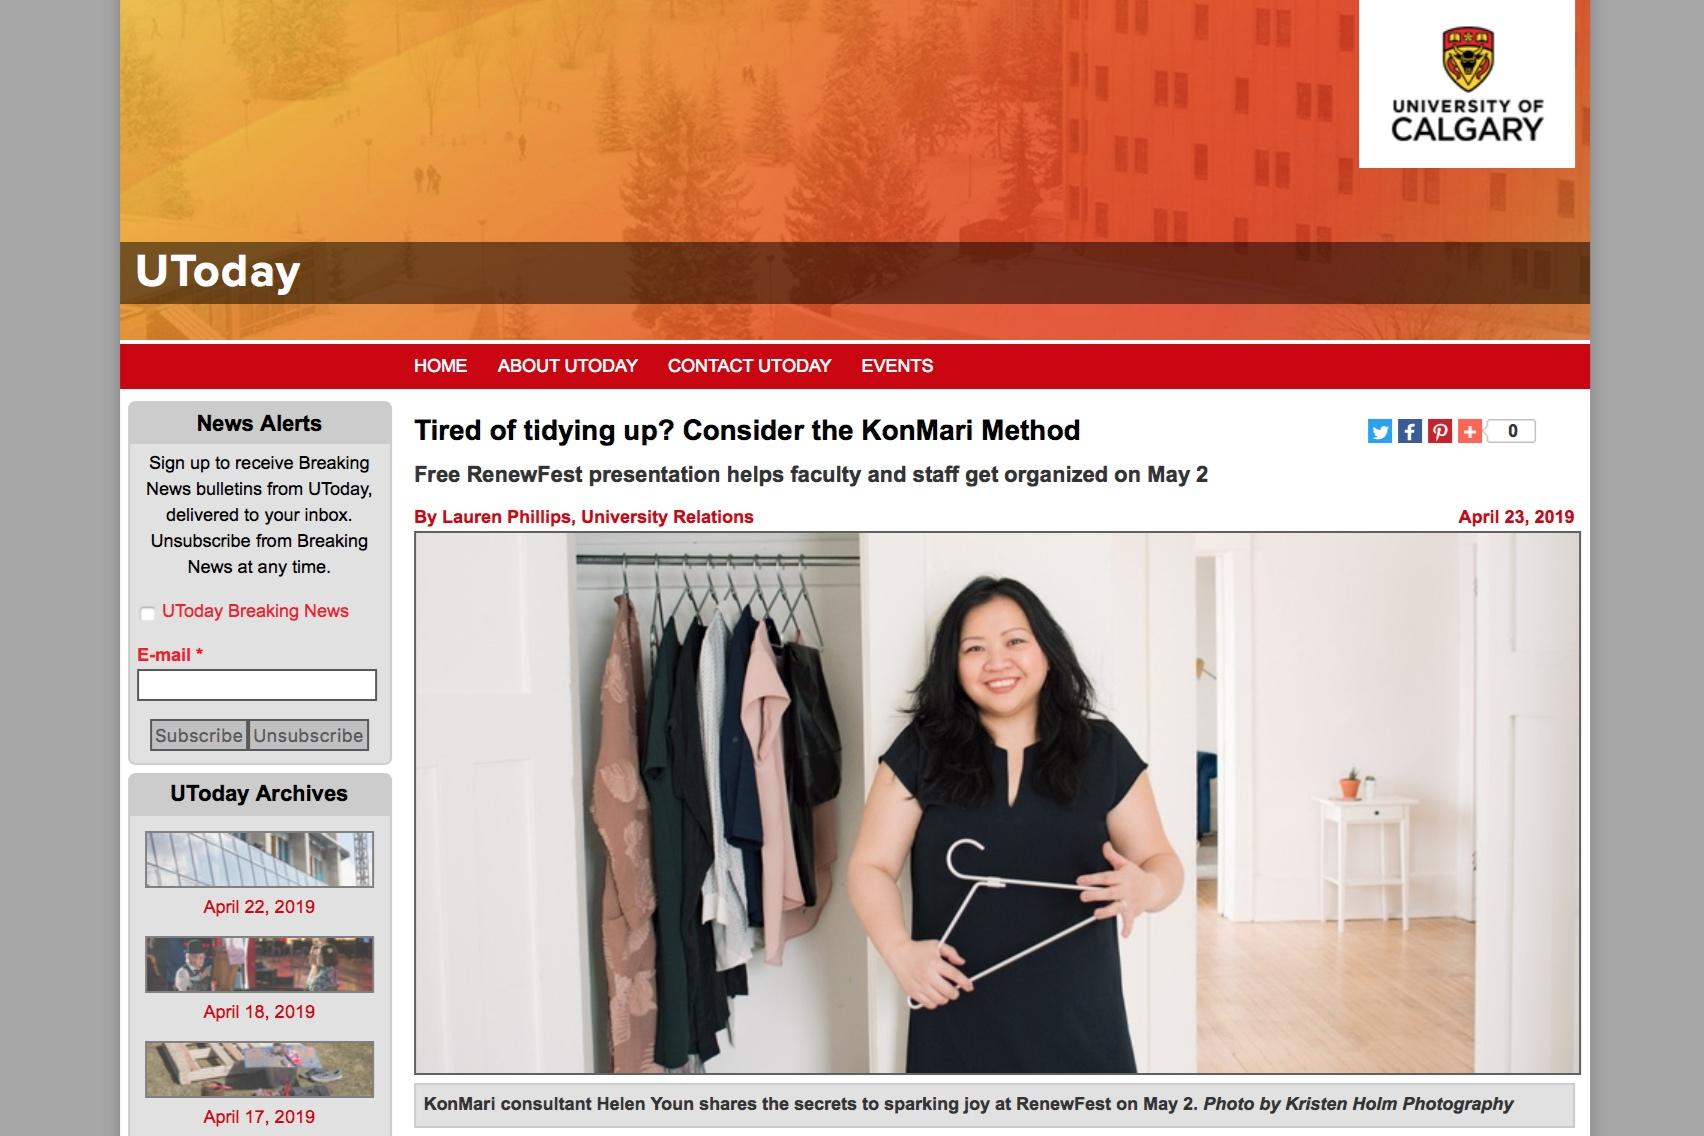 Helen Youn on UToday University of Calgary